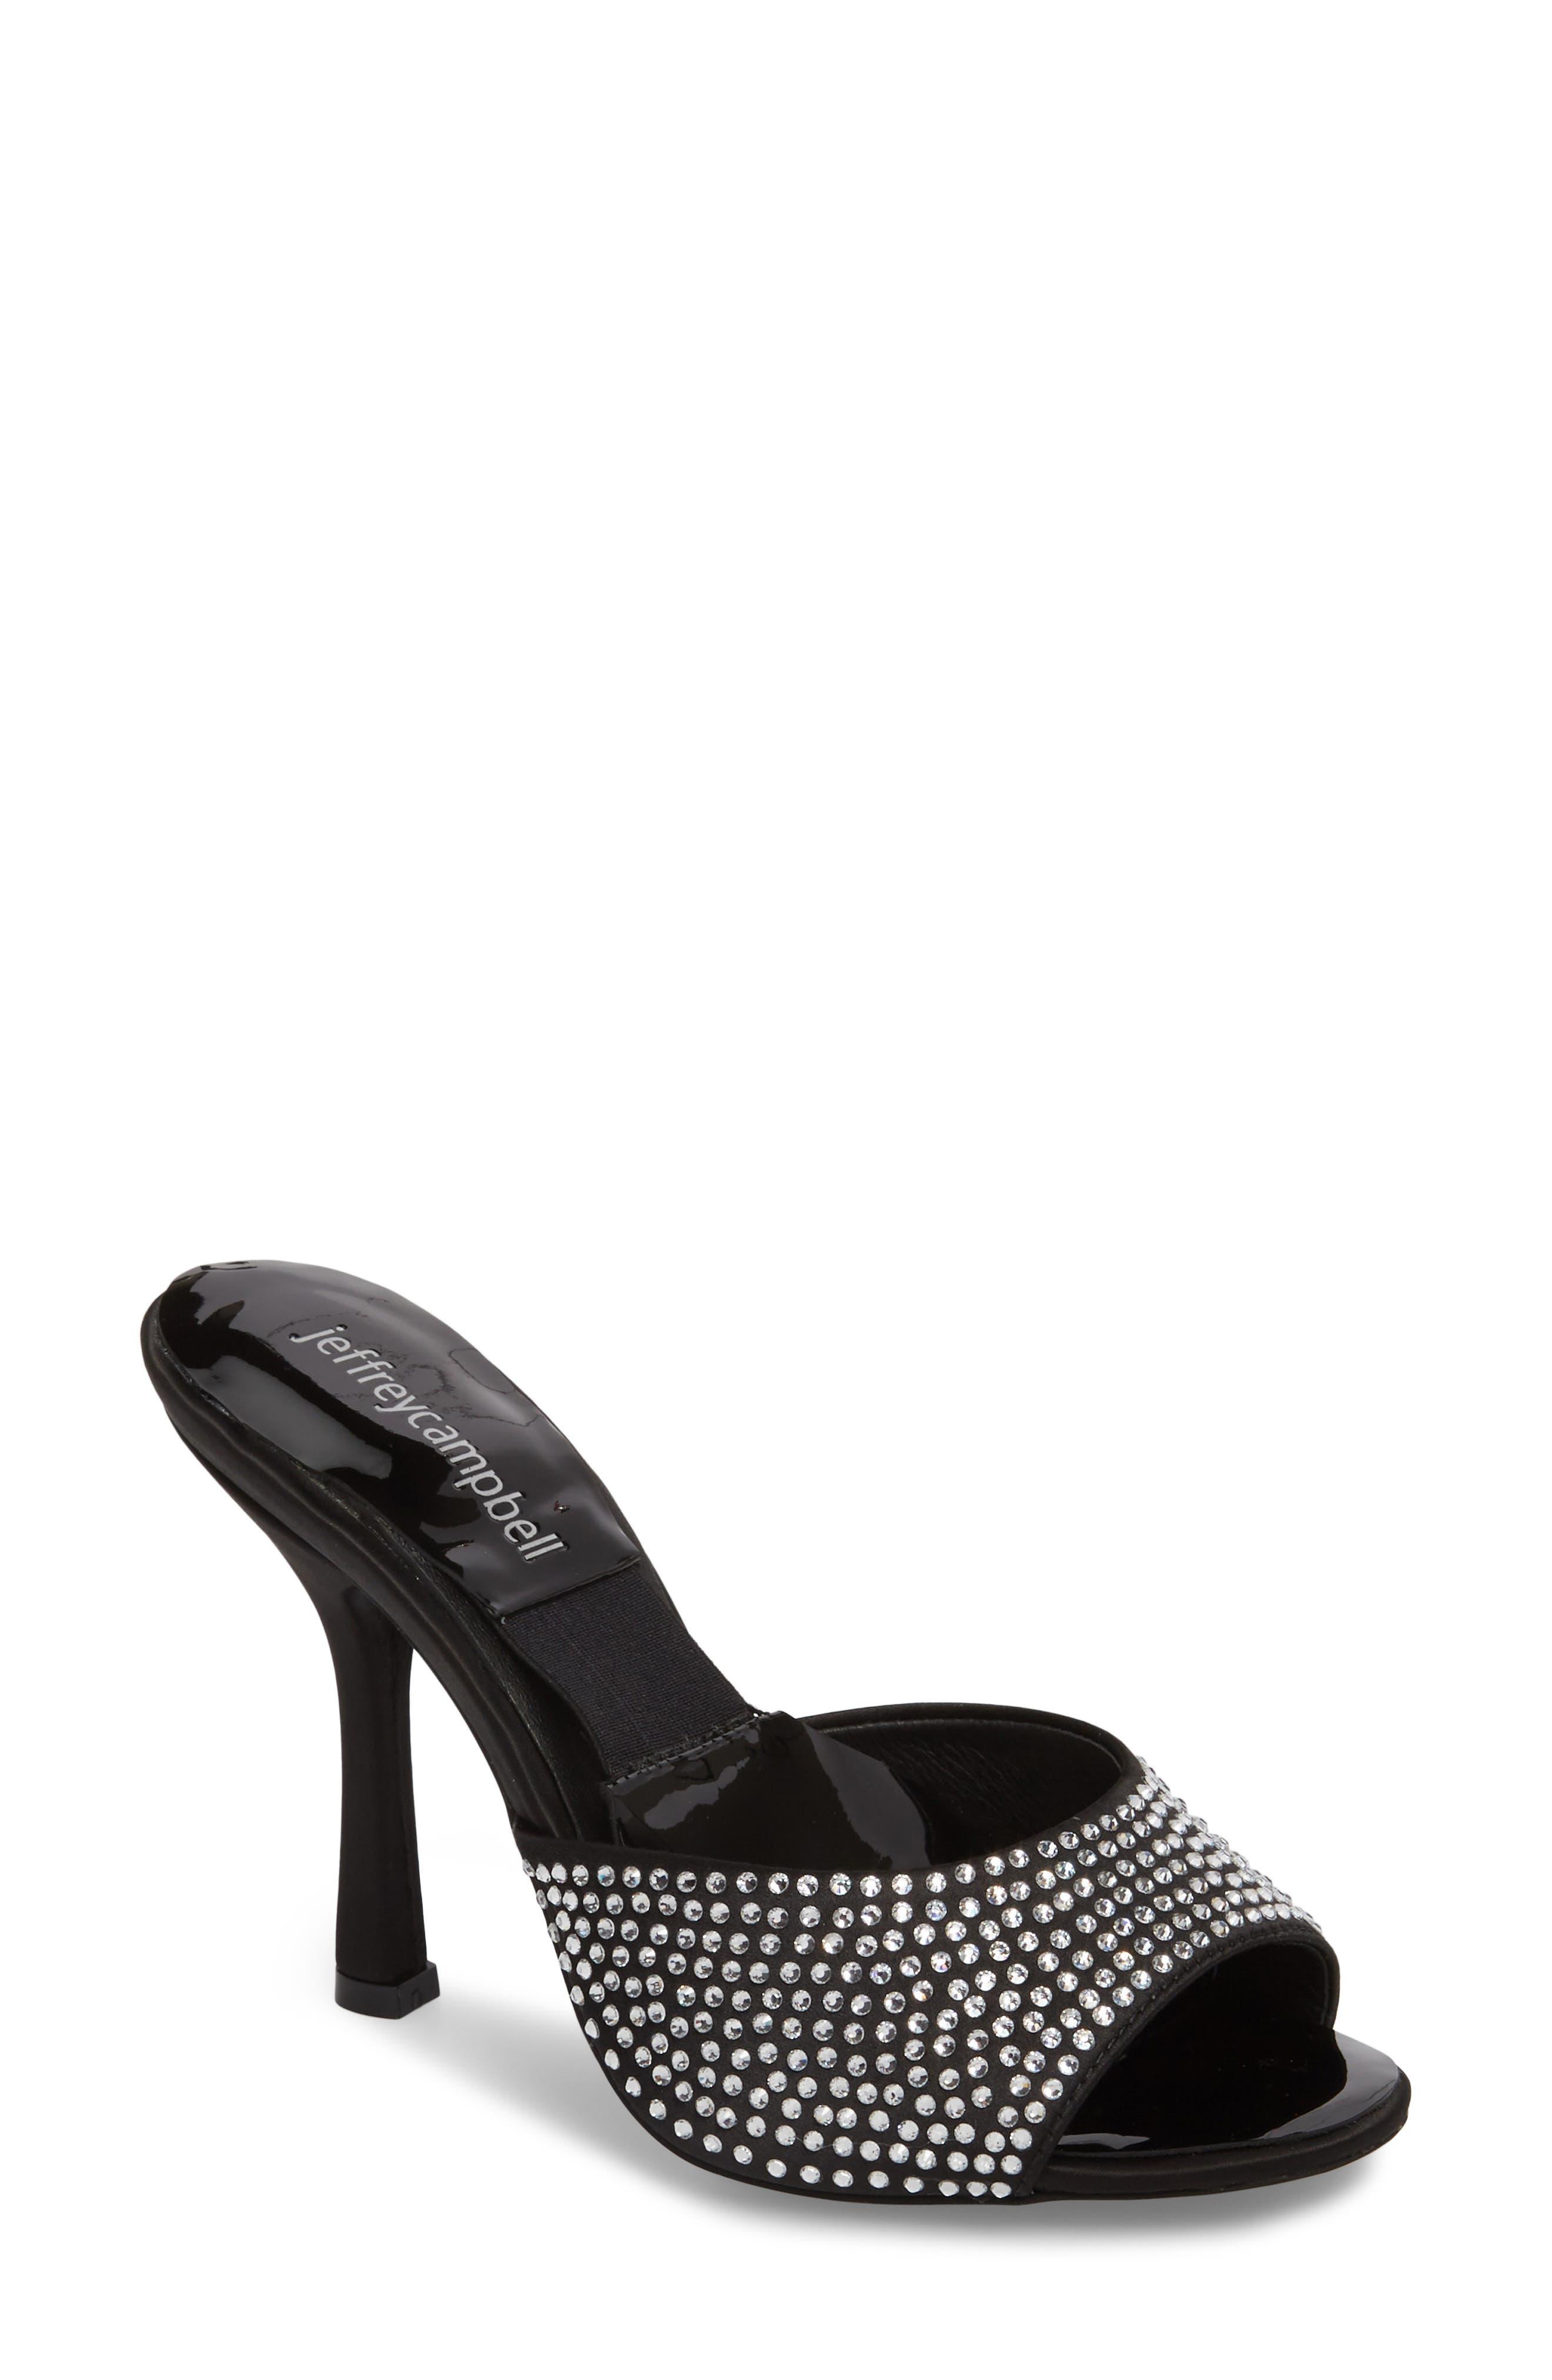 PG-13 Embellished Sandal,                         Main,                         color, Black Satin/ Clear